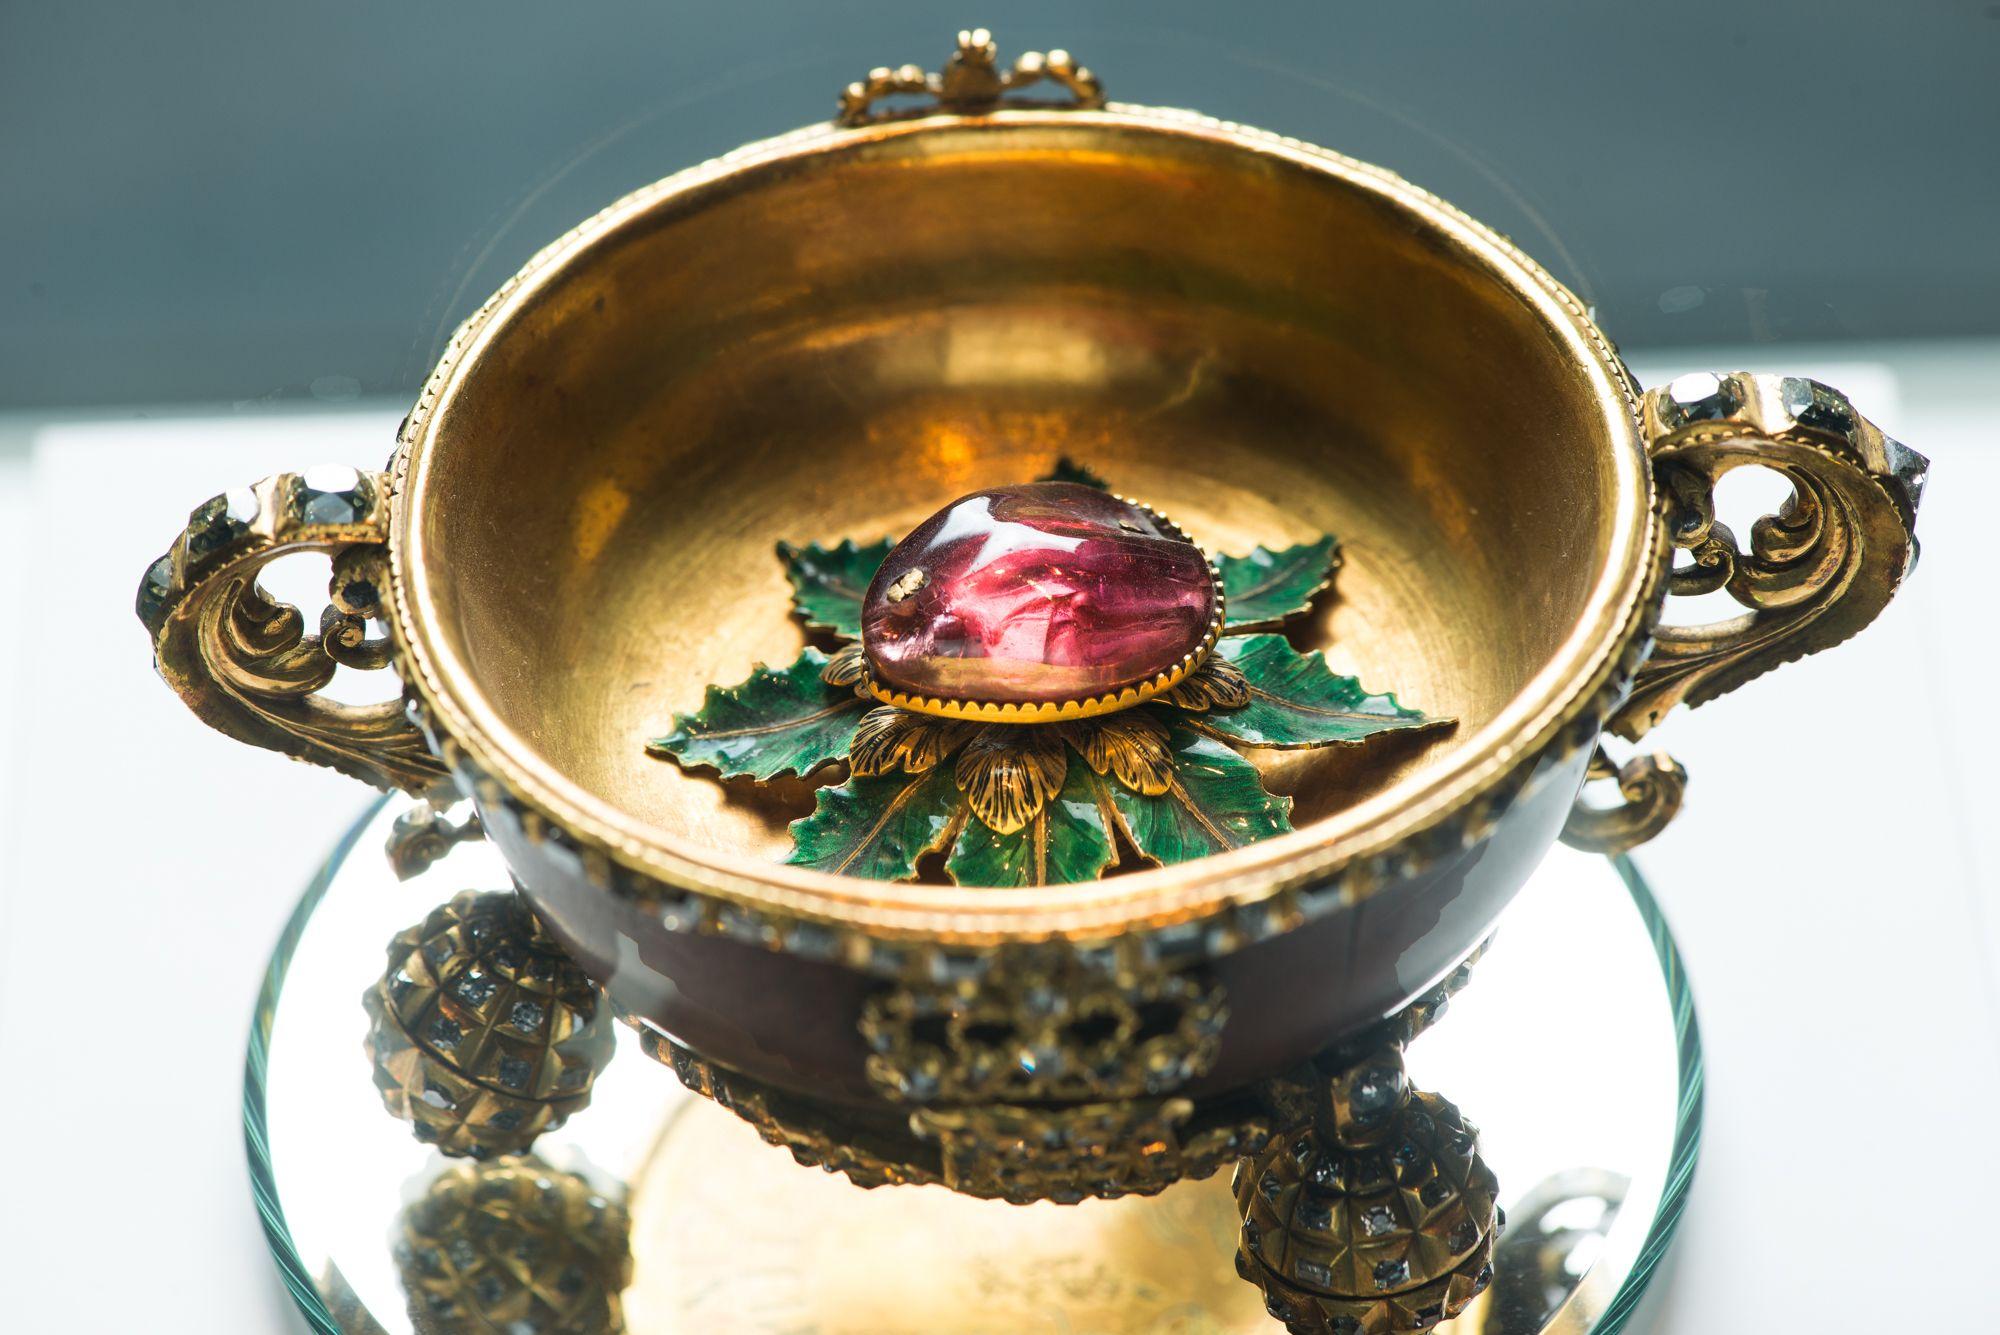 Чарка. Москва. 1709 г. Золото, бриллианты, алмазы, рубиновая шпинель, эмаль, ореховый кап; резьба, чеканка.